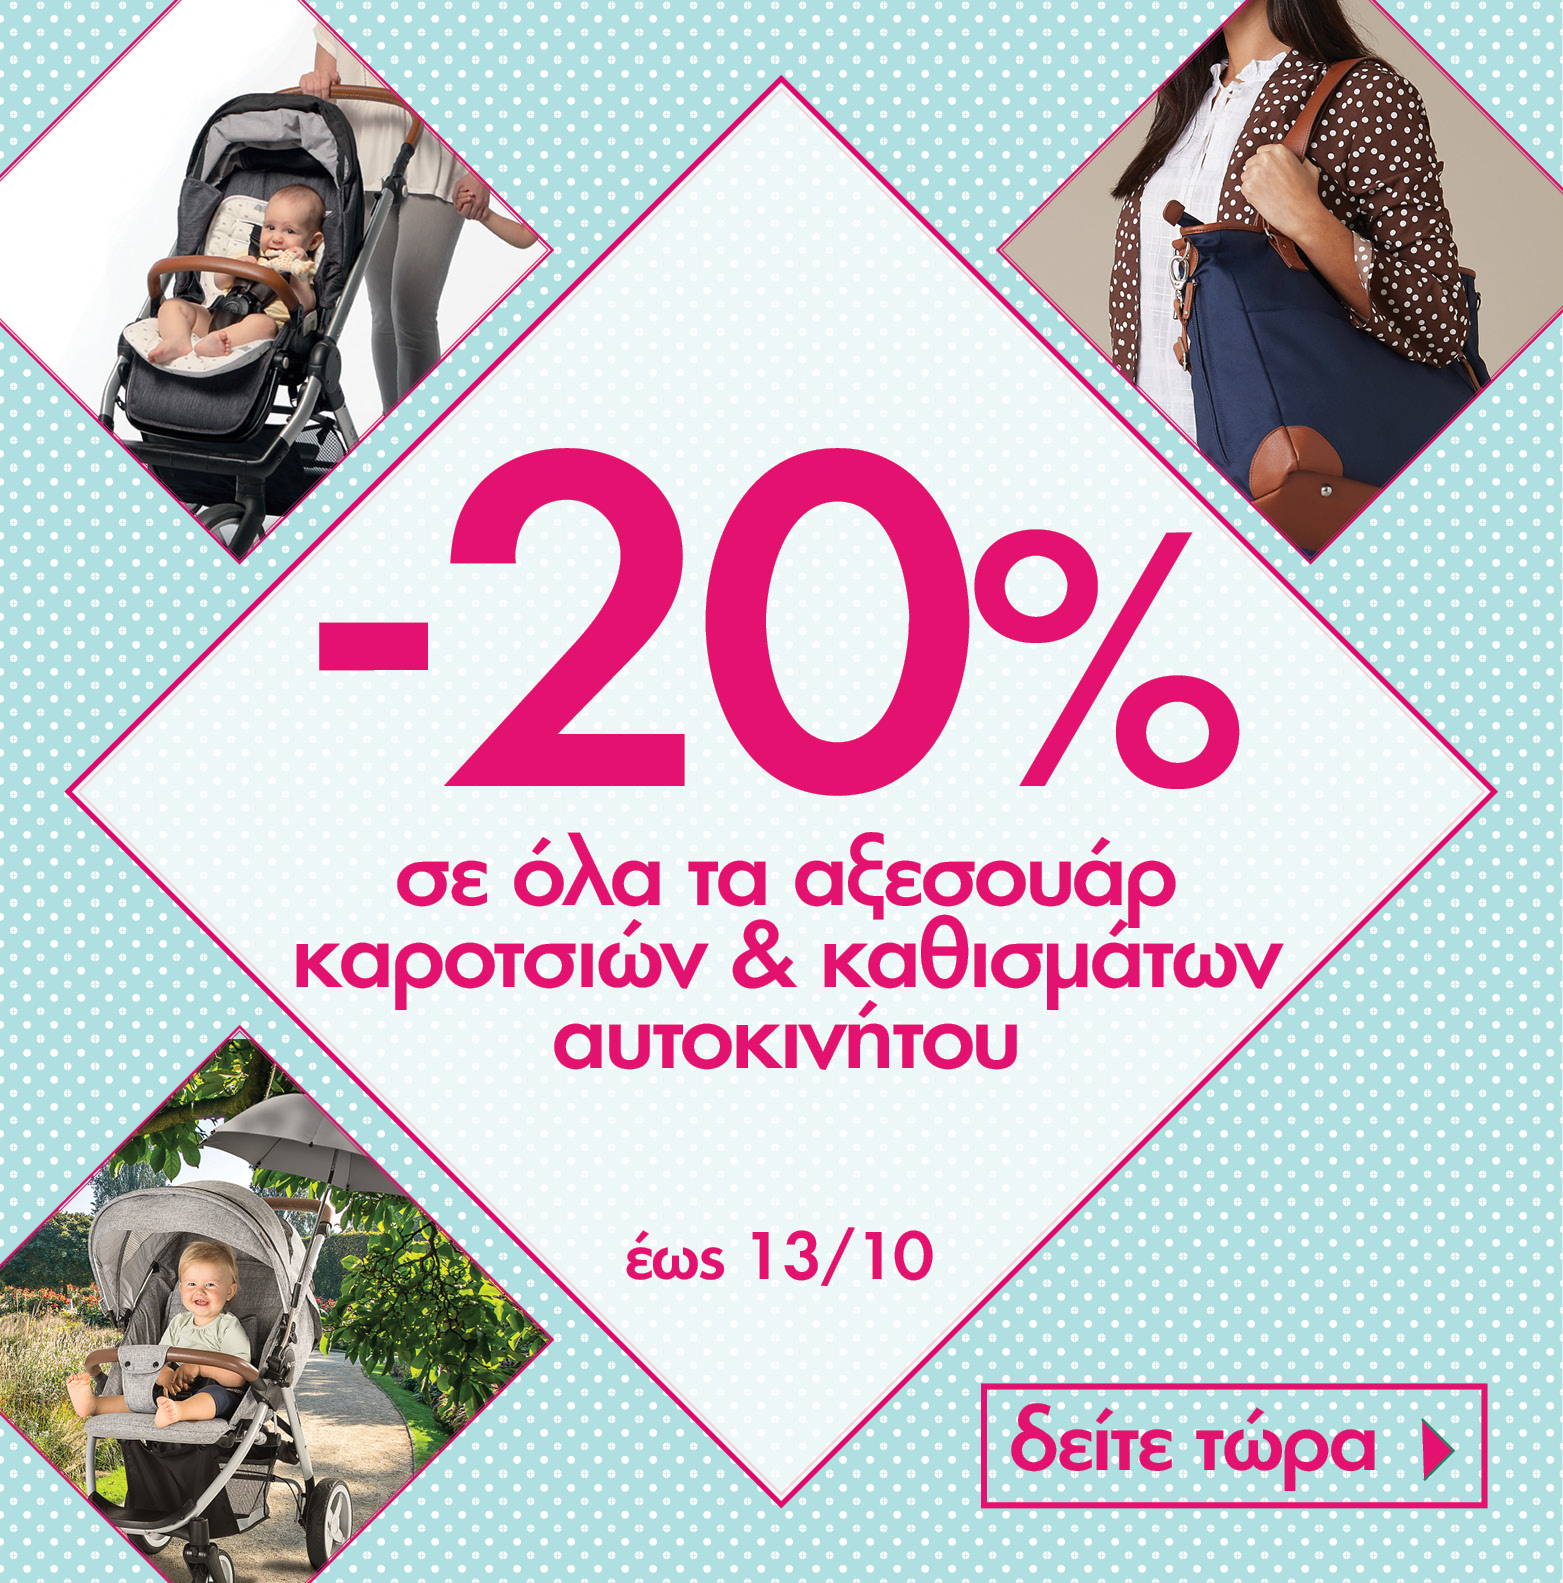 -20% σε όλα τα αξεσουάρ καροτσιών & καθισμάτων αυτοκινήτου